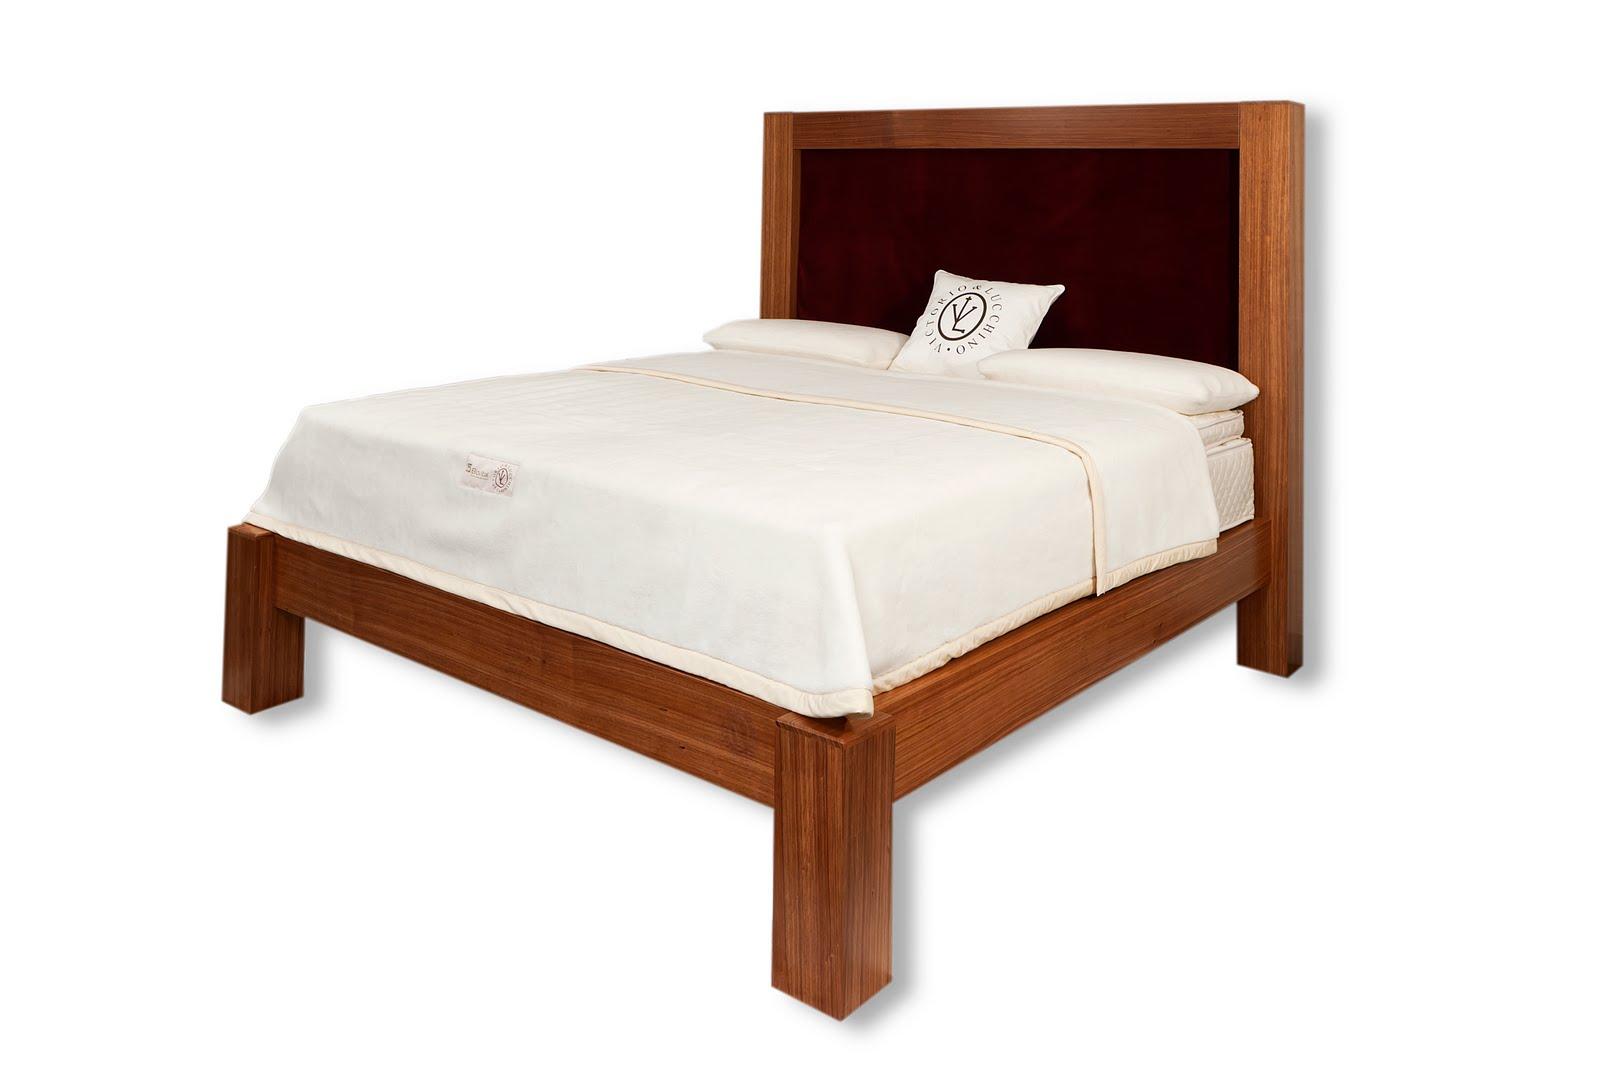 Noticias de salud biovital una cama para dormir de forma - Orientacion cama dormir bien ...